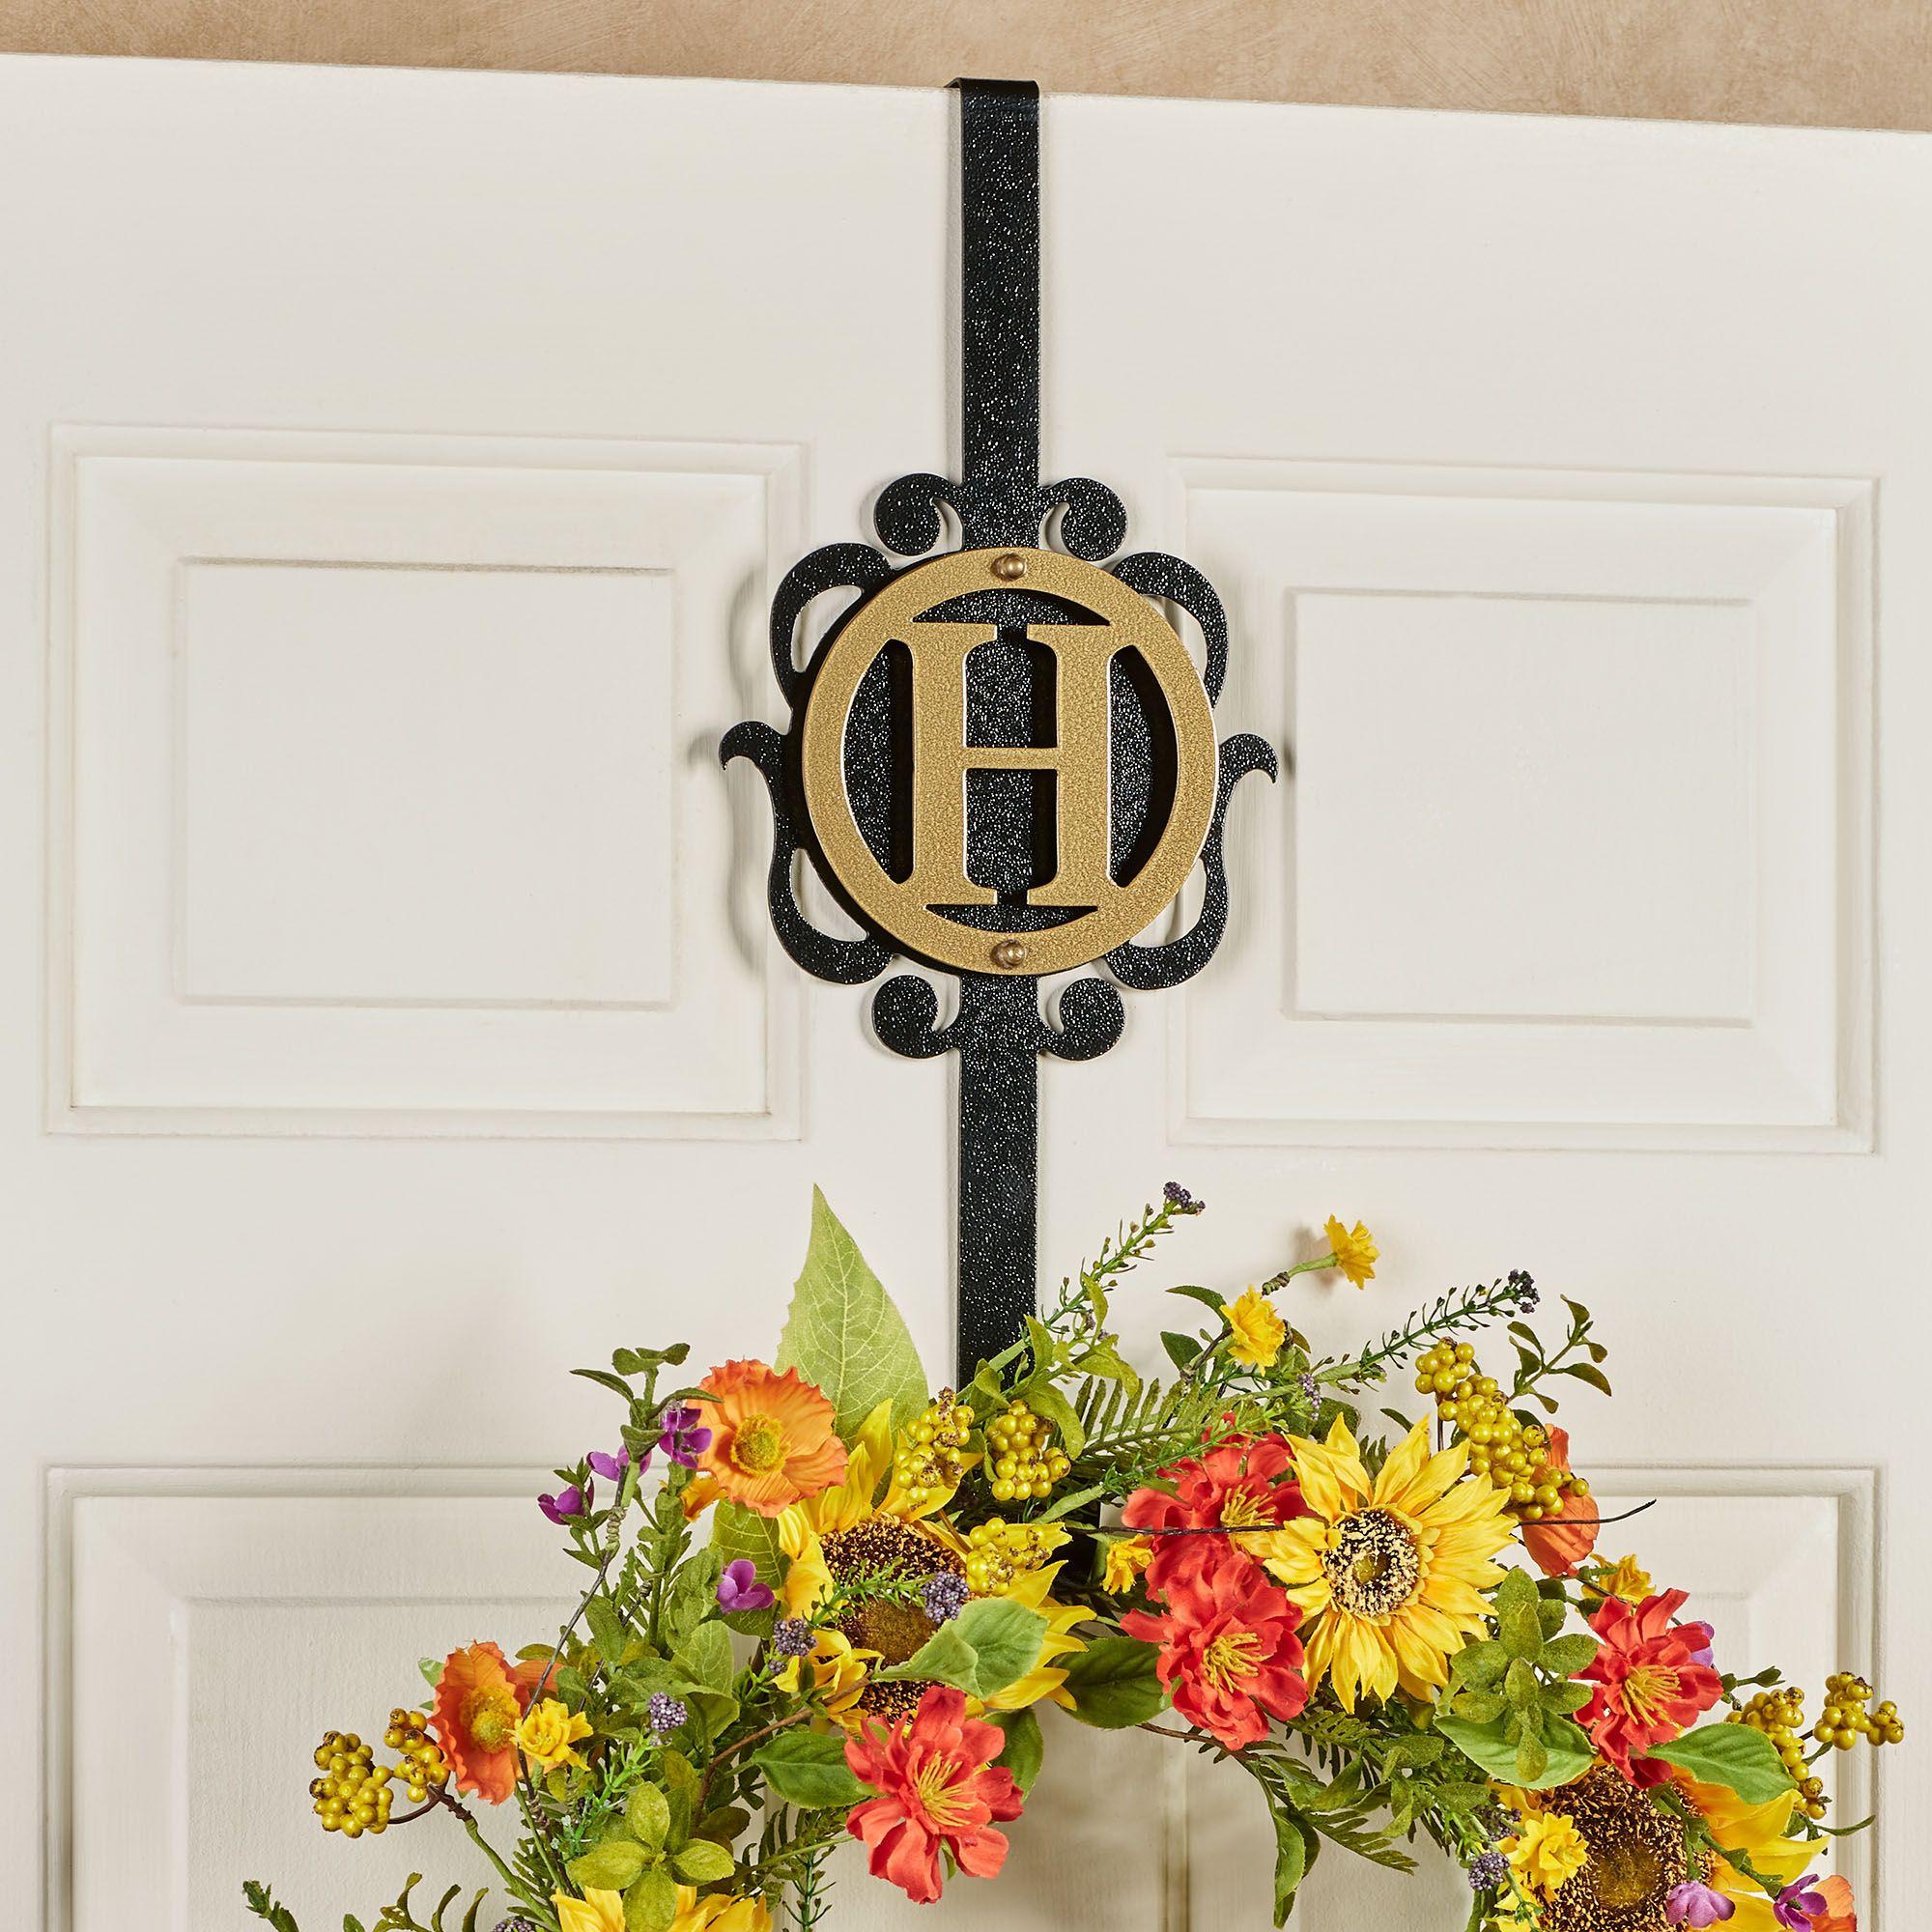 Overture Gold Black Over The Door Monogram Wreath Hanger